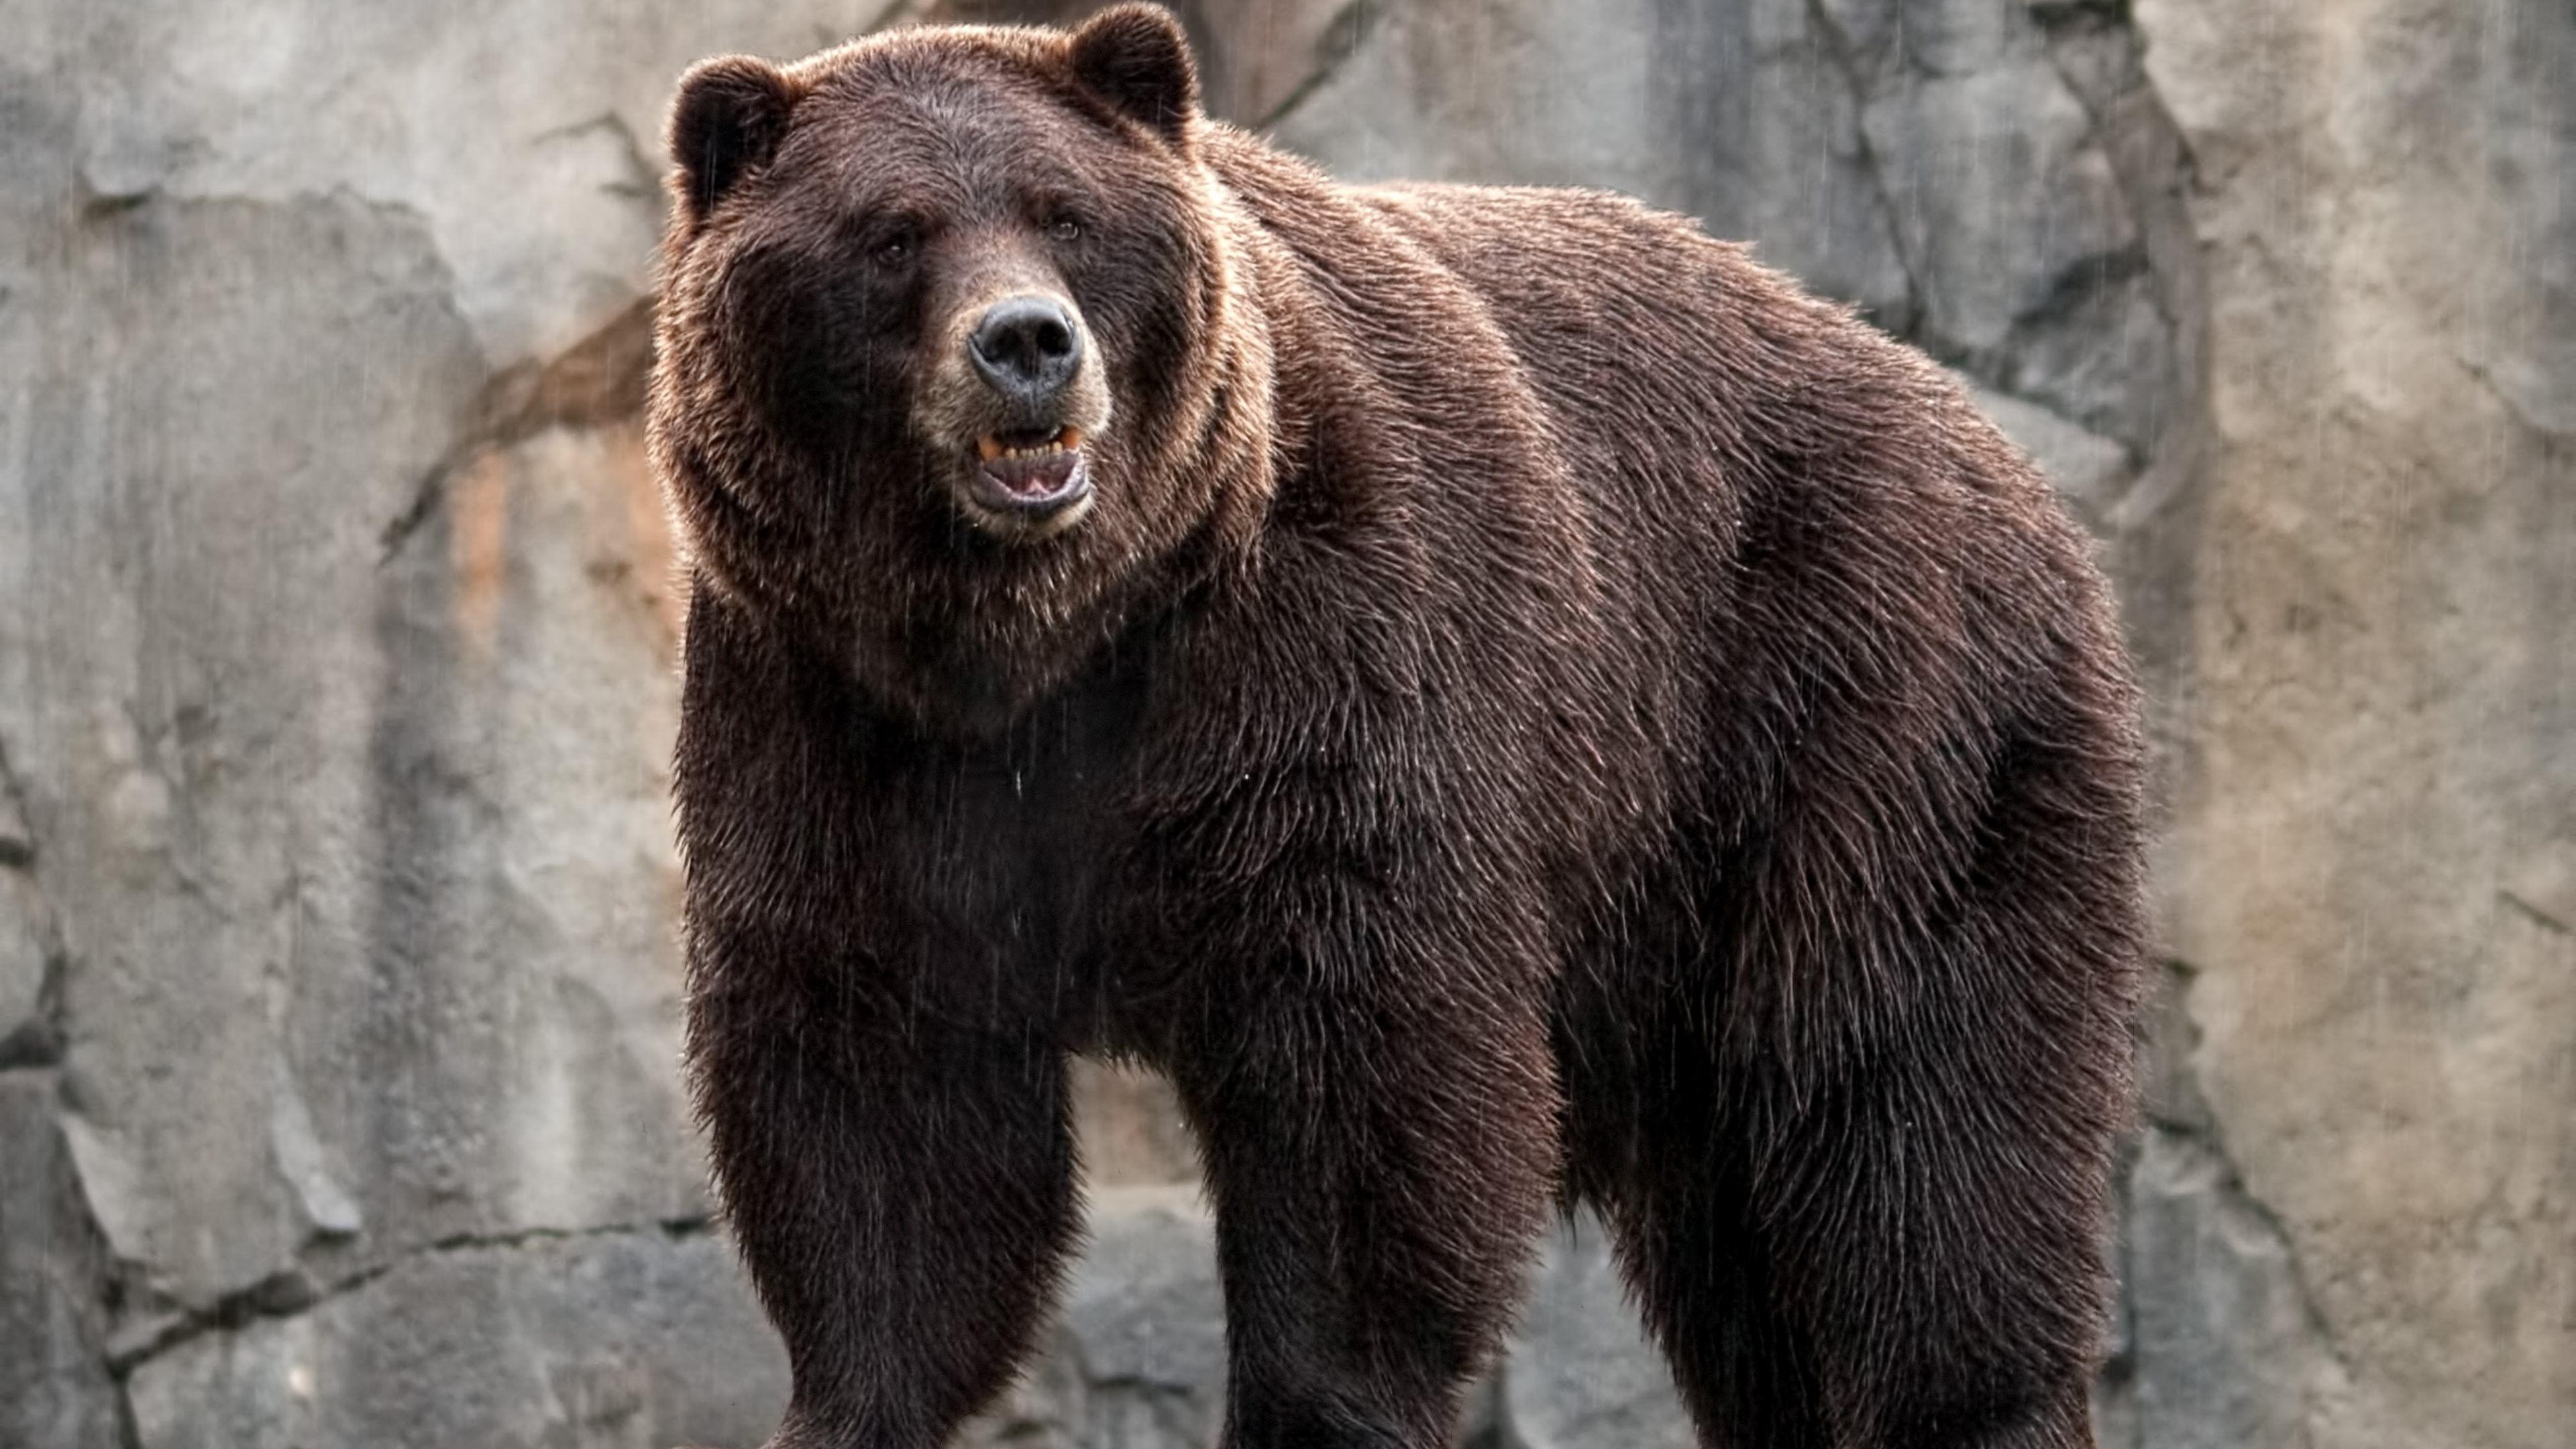 Bear 4k Wallpaper 3840x2160 Wallpaperscreator Pinterest Bear